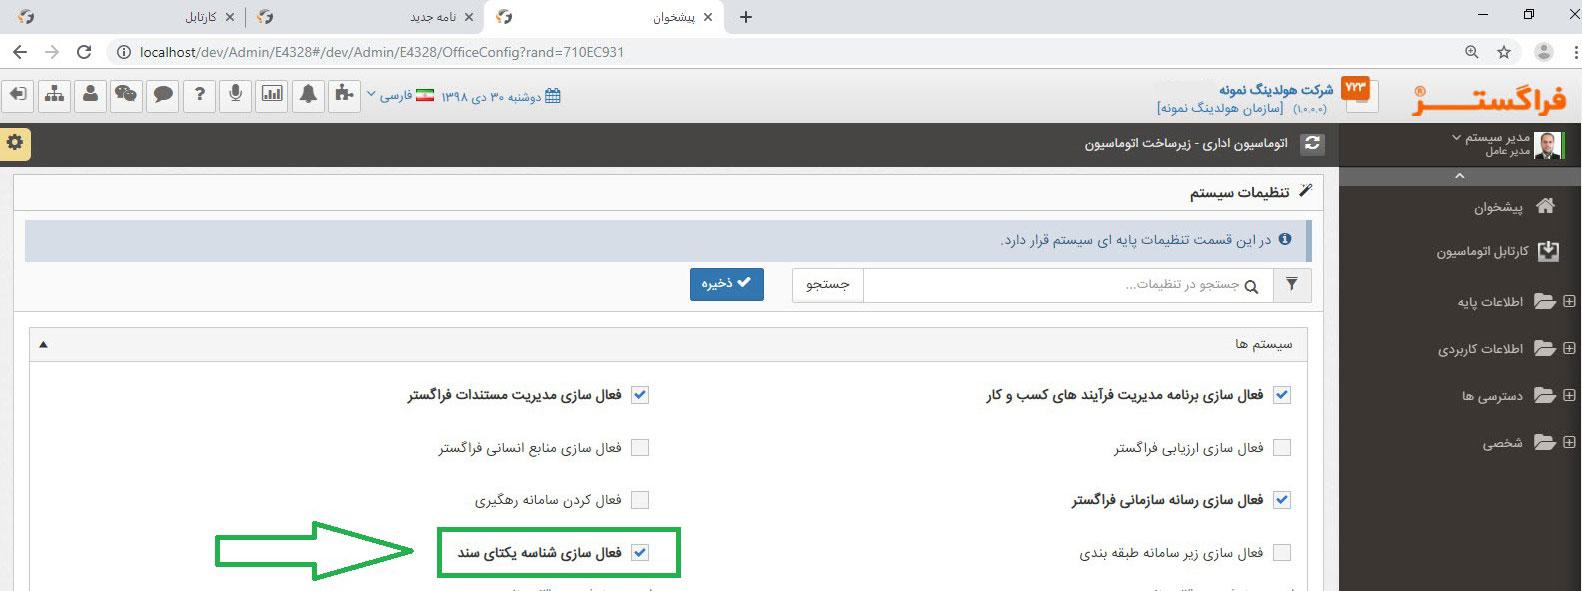 شناسه ملی سند